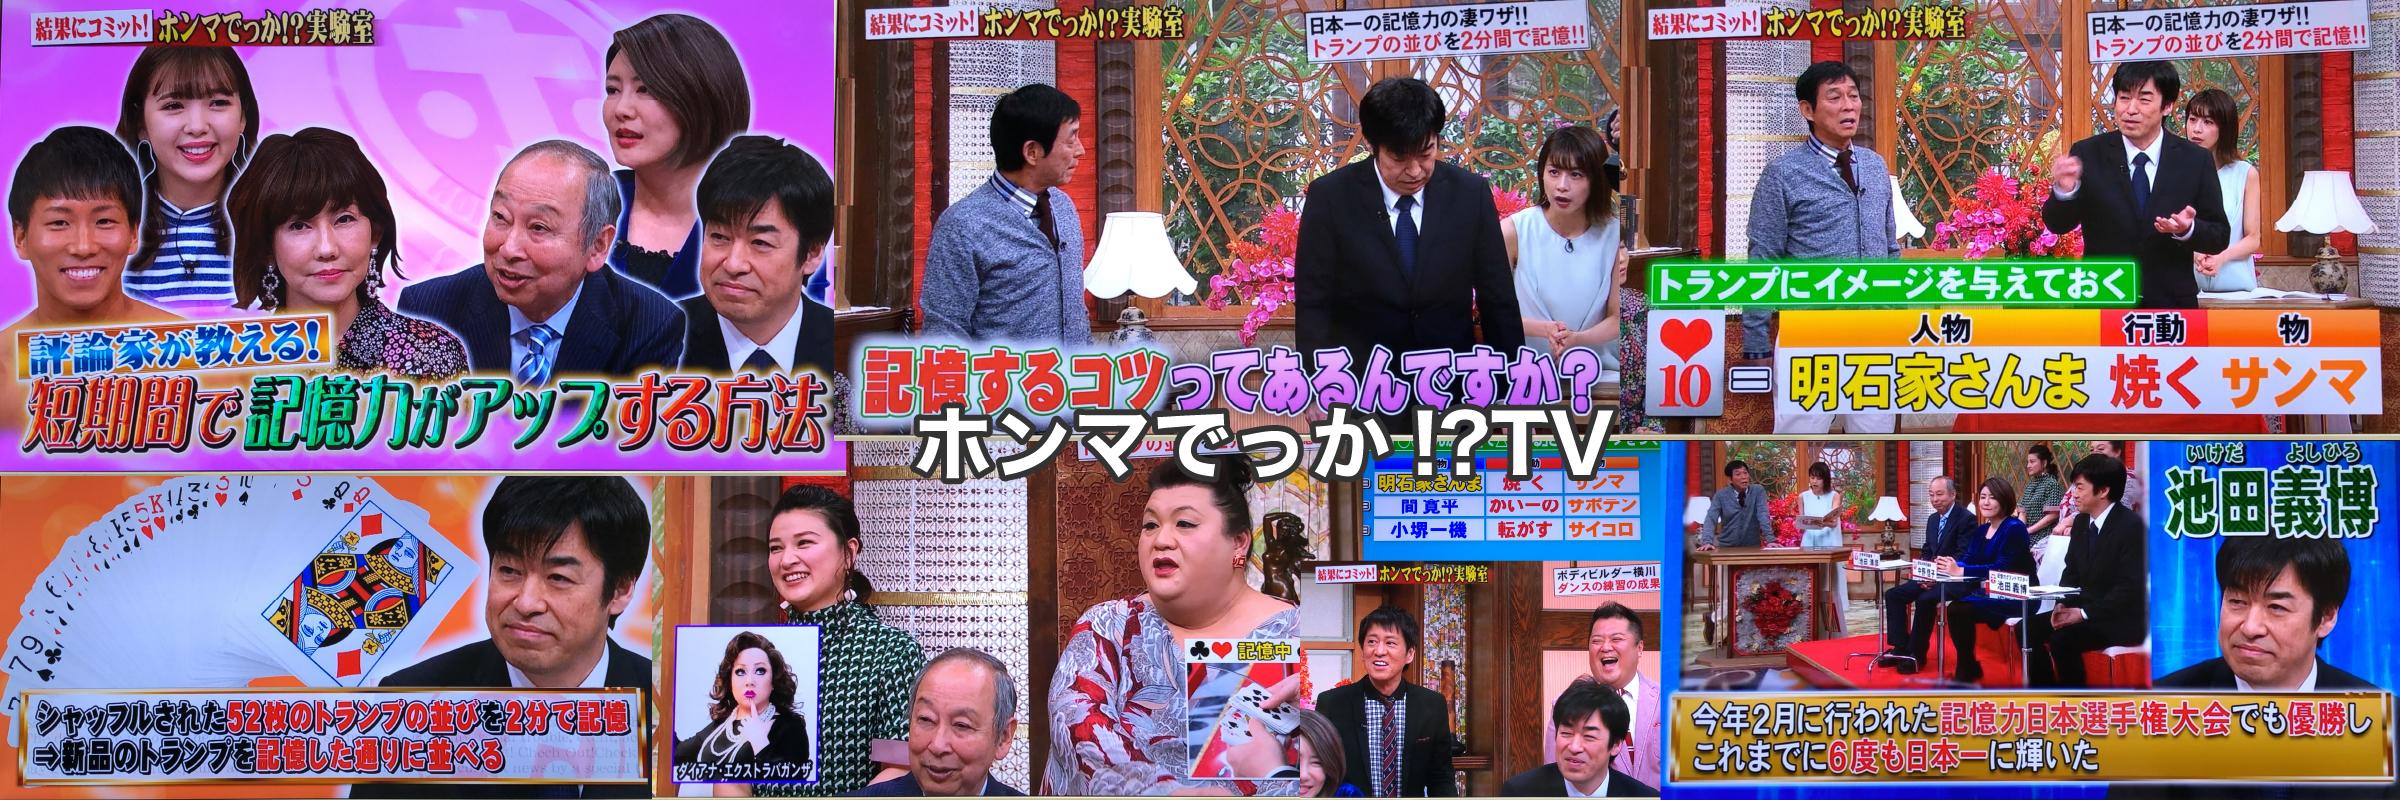 ホンマでっか!?TV 池田義博